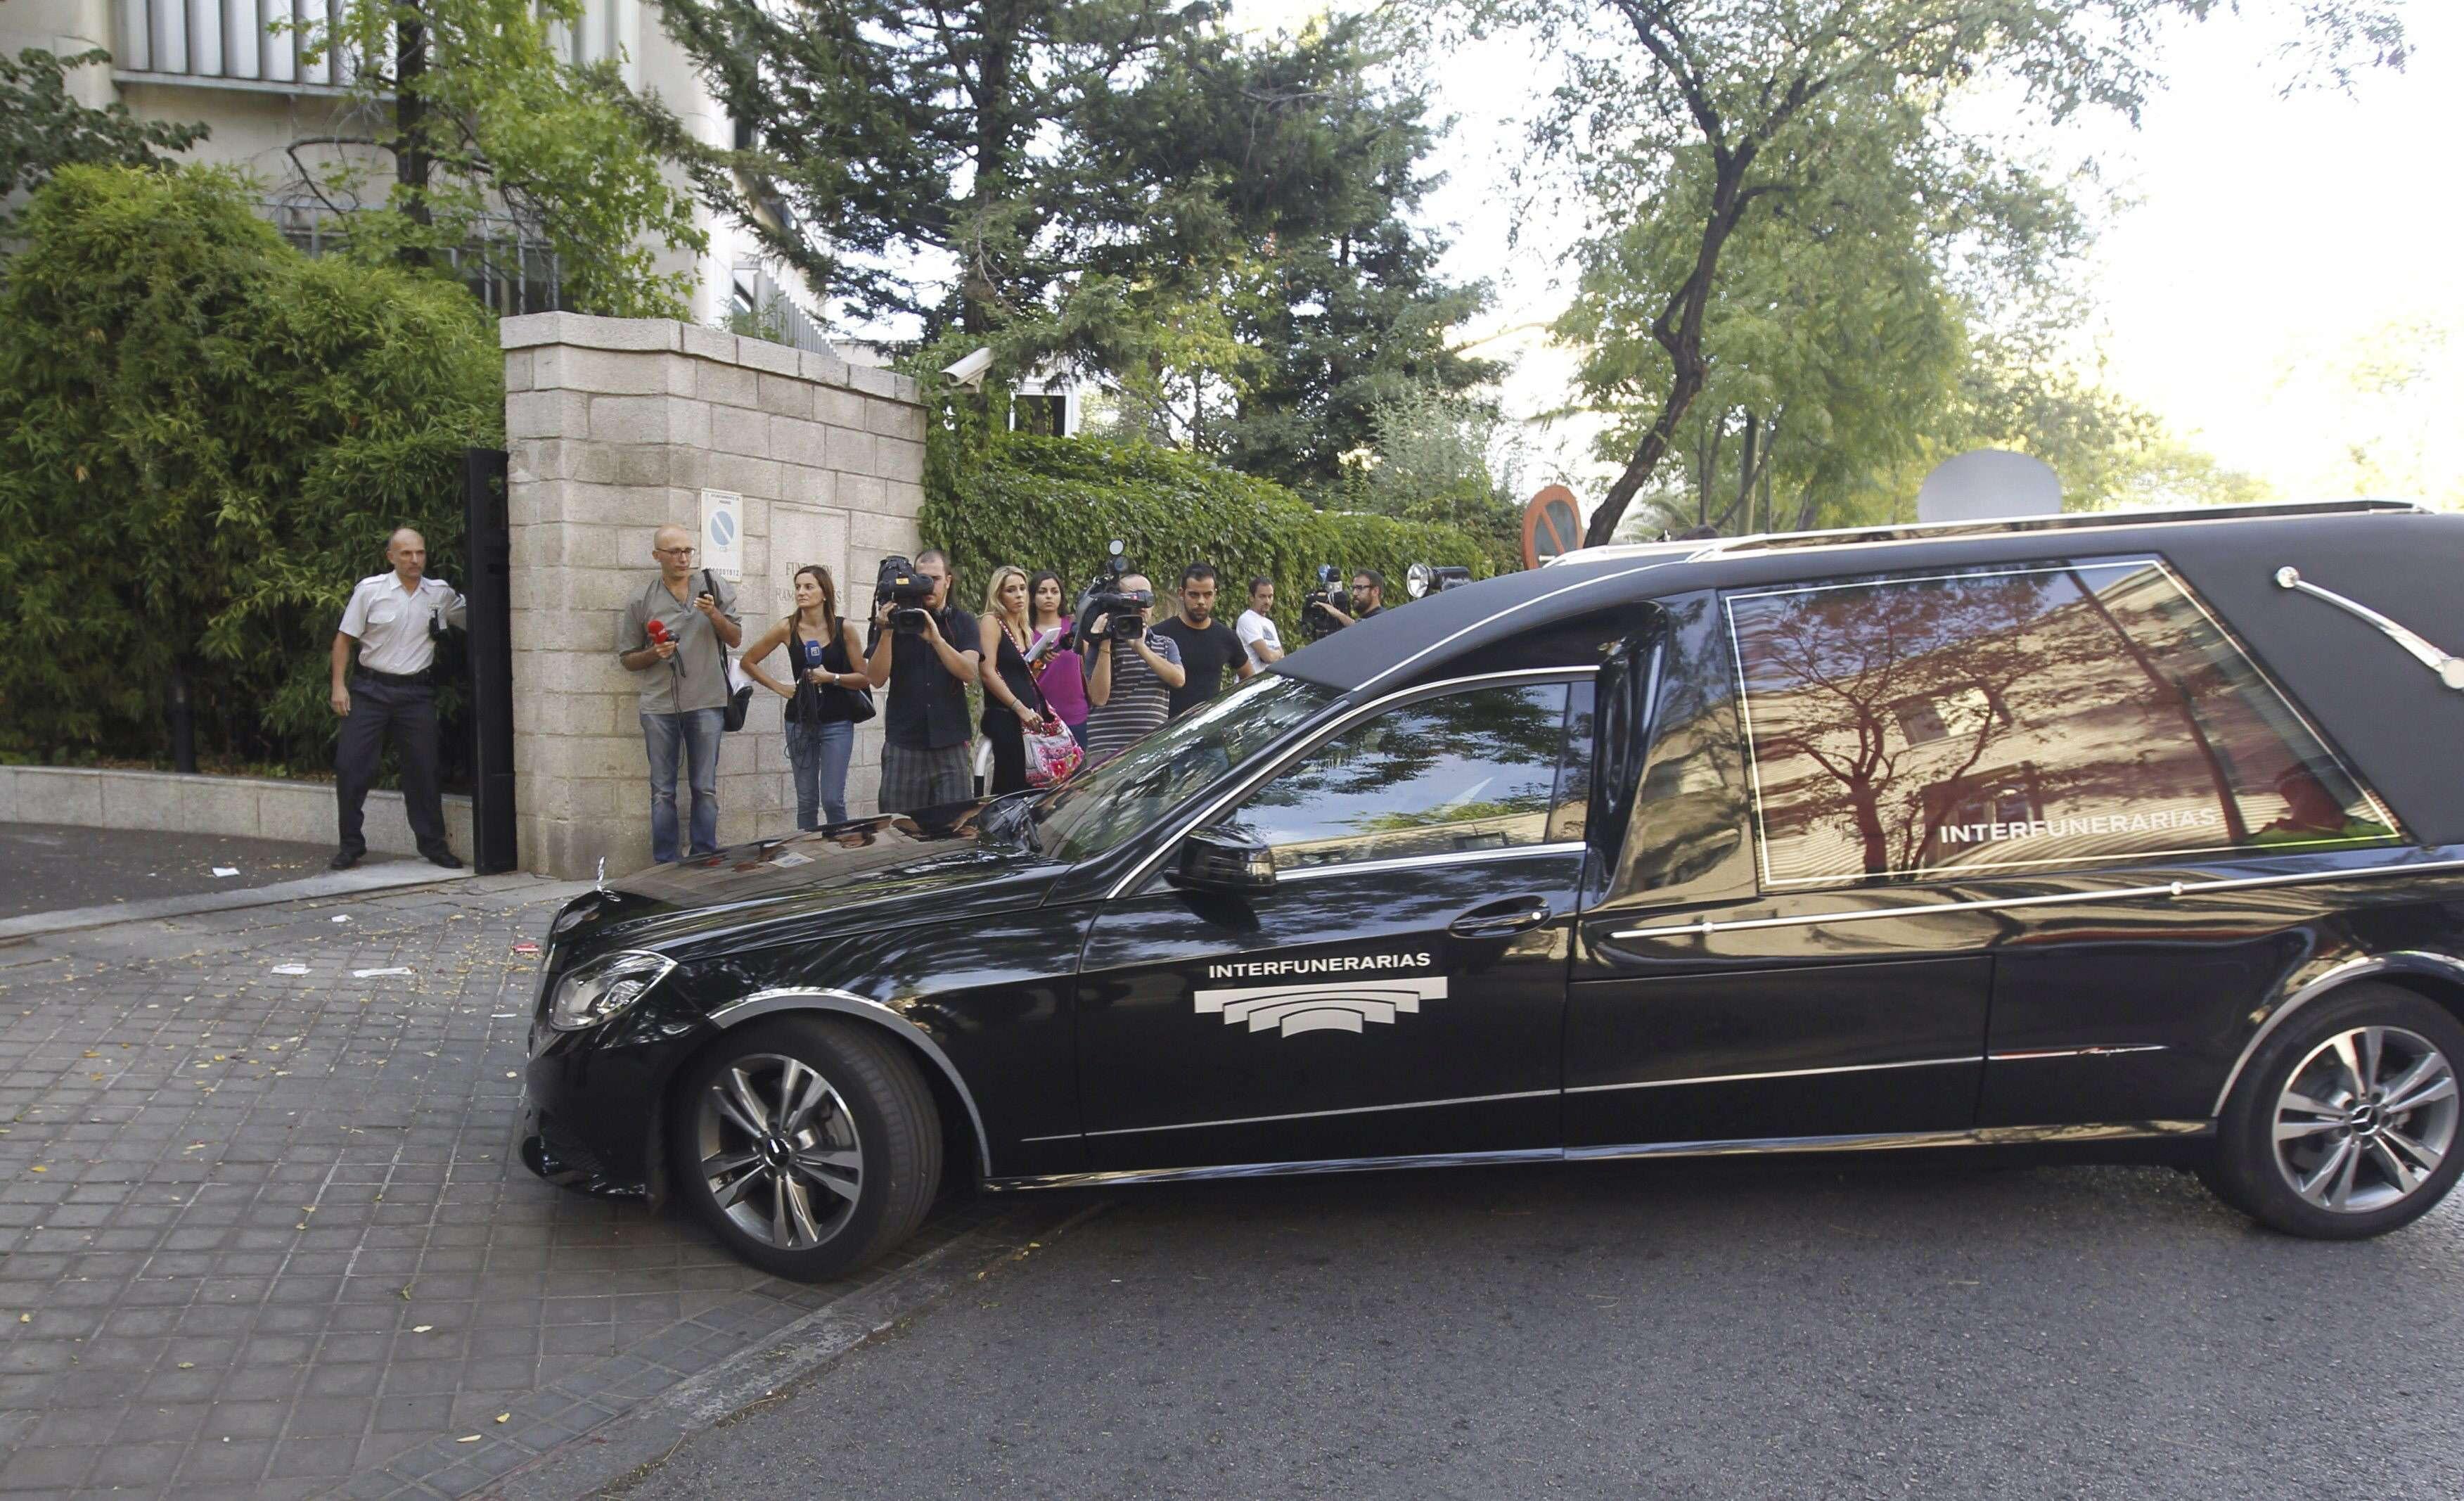 Los restos mortales del presidente de El Corte Inglés Isidoro Álvarez son trasladados a la Fundación Ramón Areces donde quedará instalada la capilla ardiente. Foto: EFE